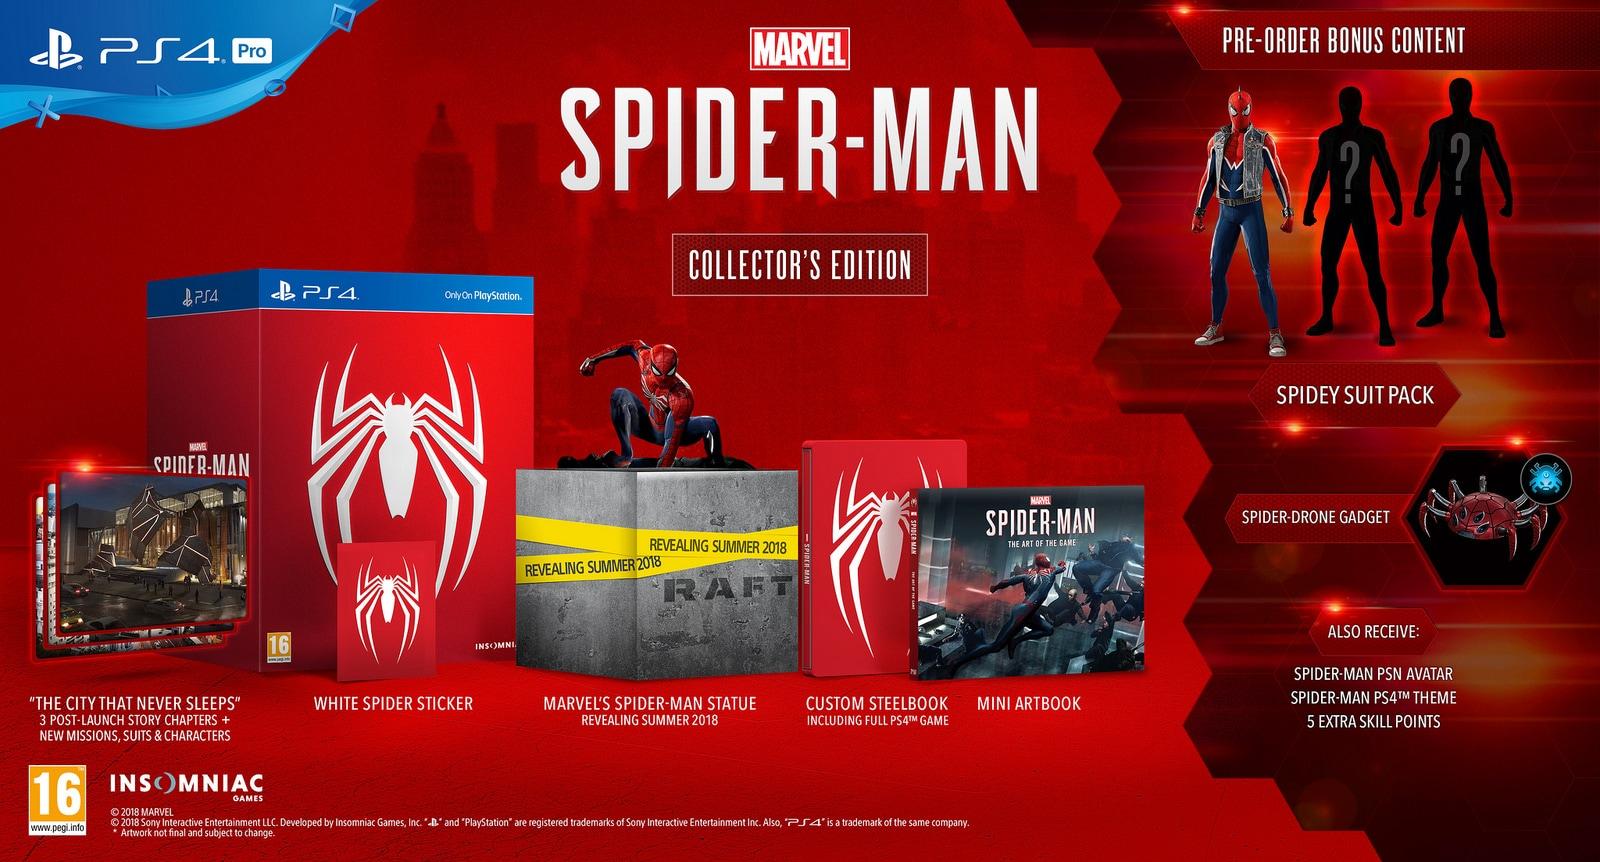 Ο Spider-Man επιστρέφει αποκλειστικά στο PS4 σου στις 7 Σεπτεμβρίου!